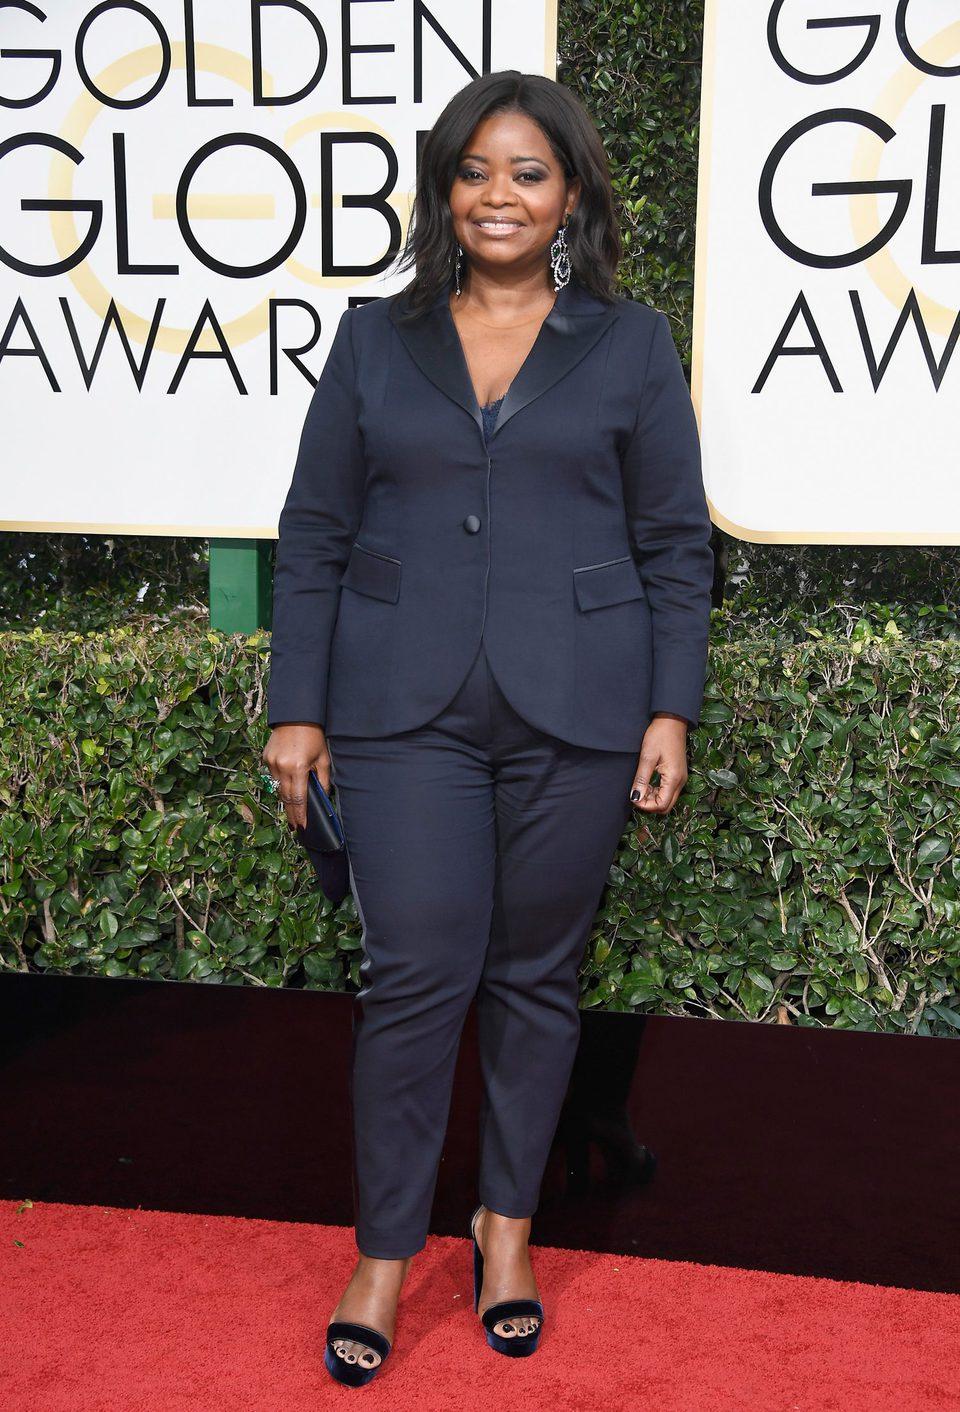 Octavia Spencer at Golden Globes 2017 red carpet